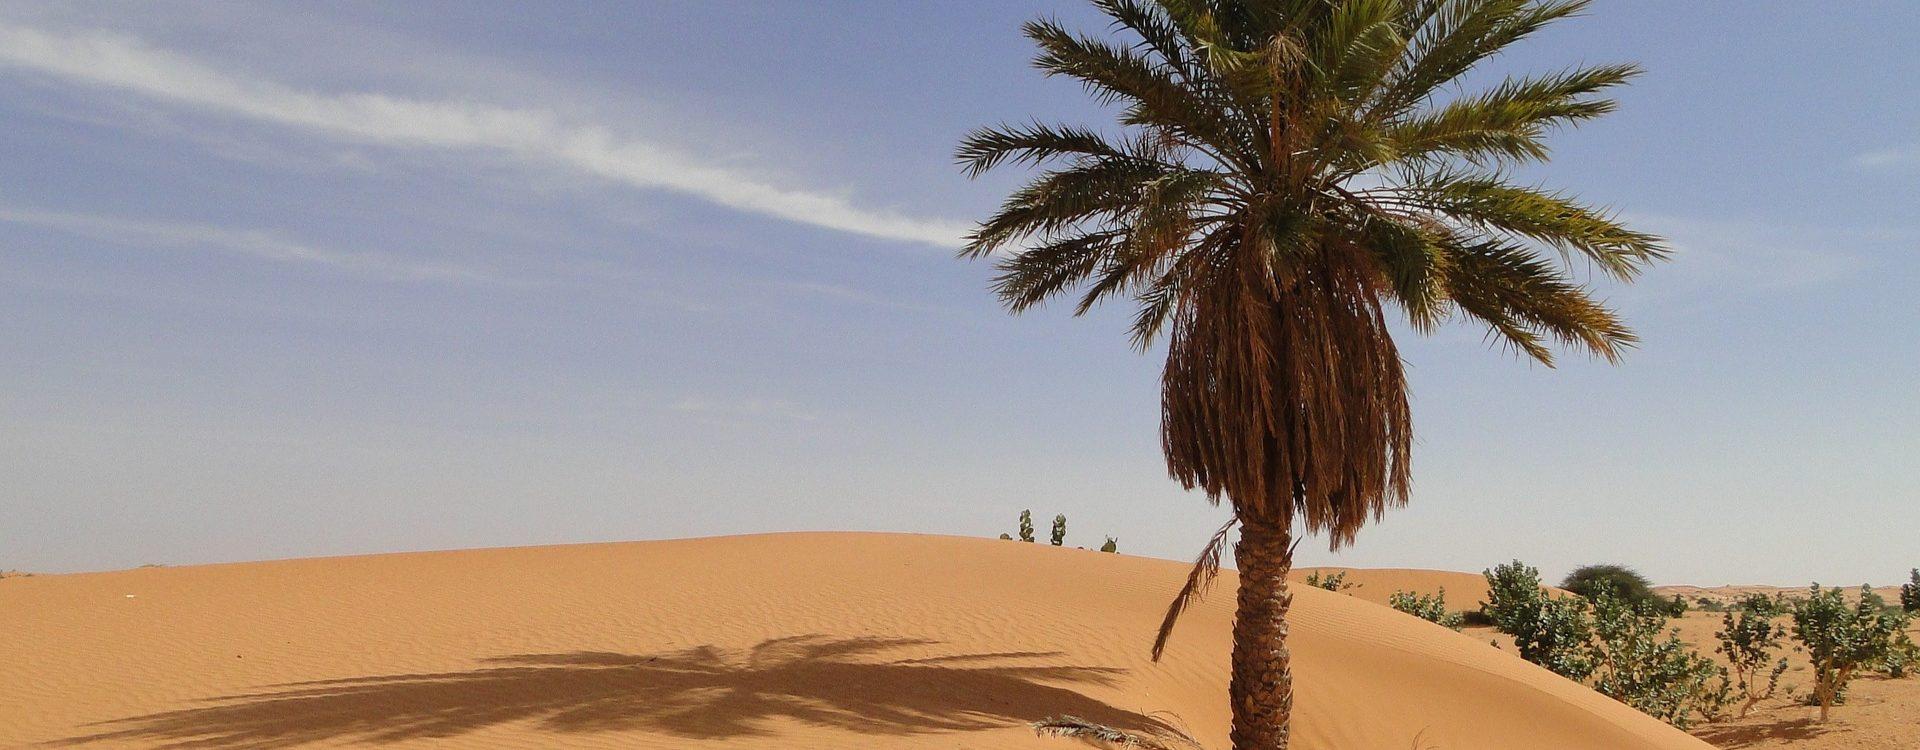 Mauritanie - Grande Traversée de l'Adrâr au Tagant - Les matins du monde